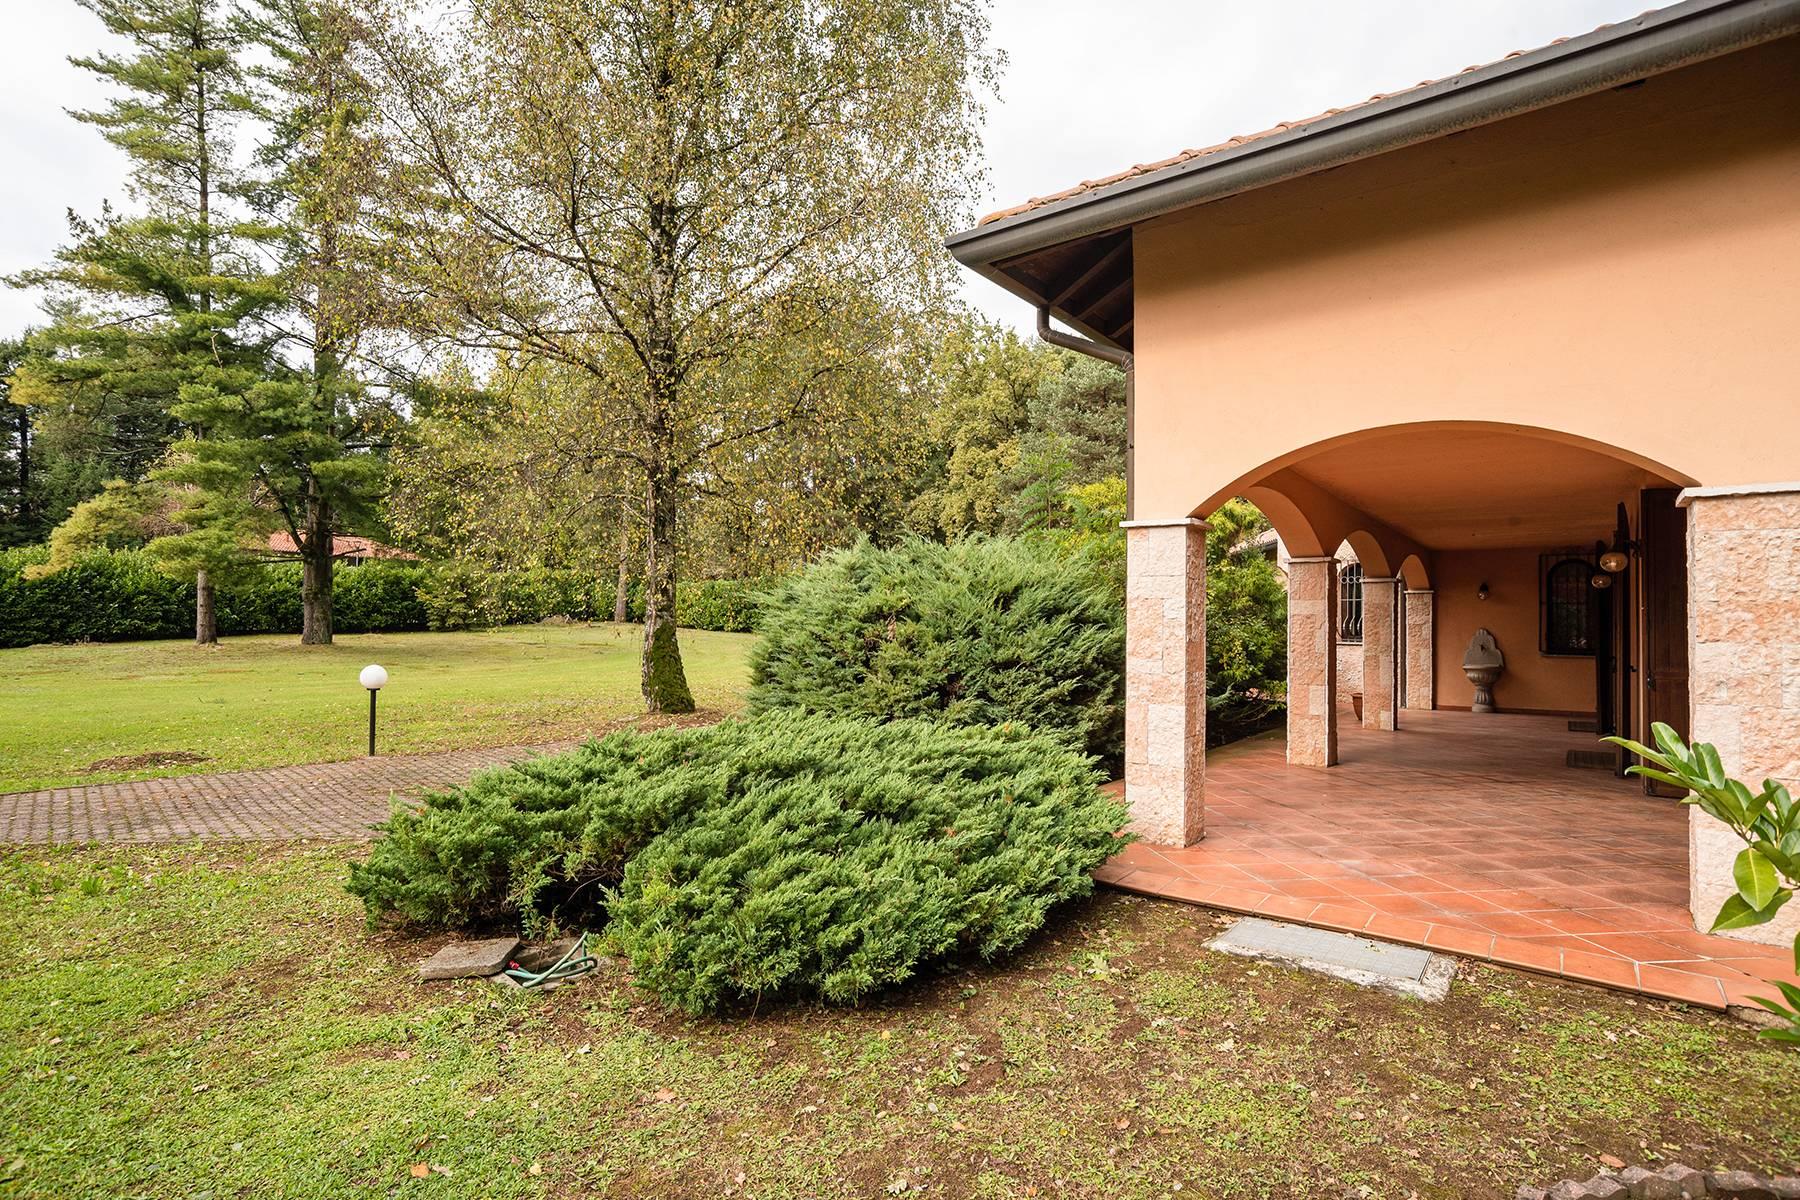 Villa in Vendita a Guanzate: 5 locali, 800 mq - Foto 7